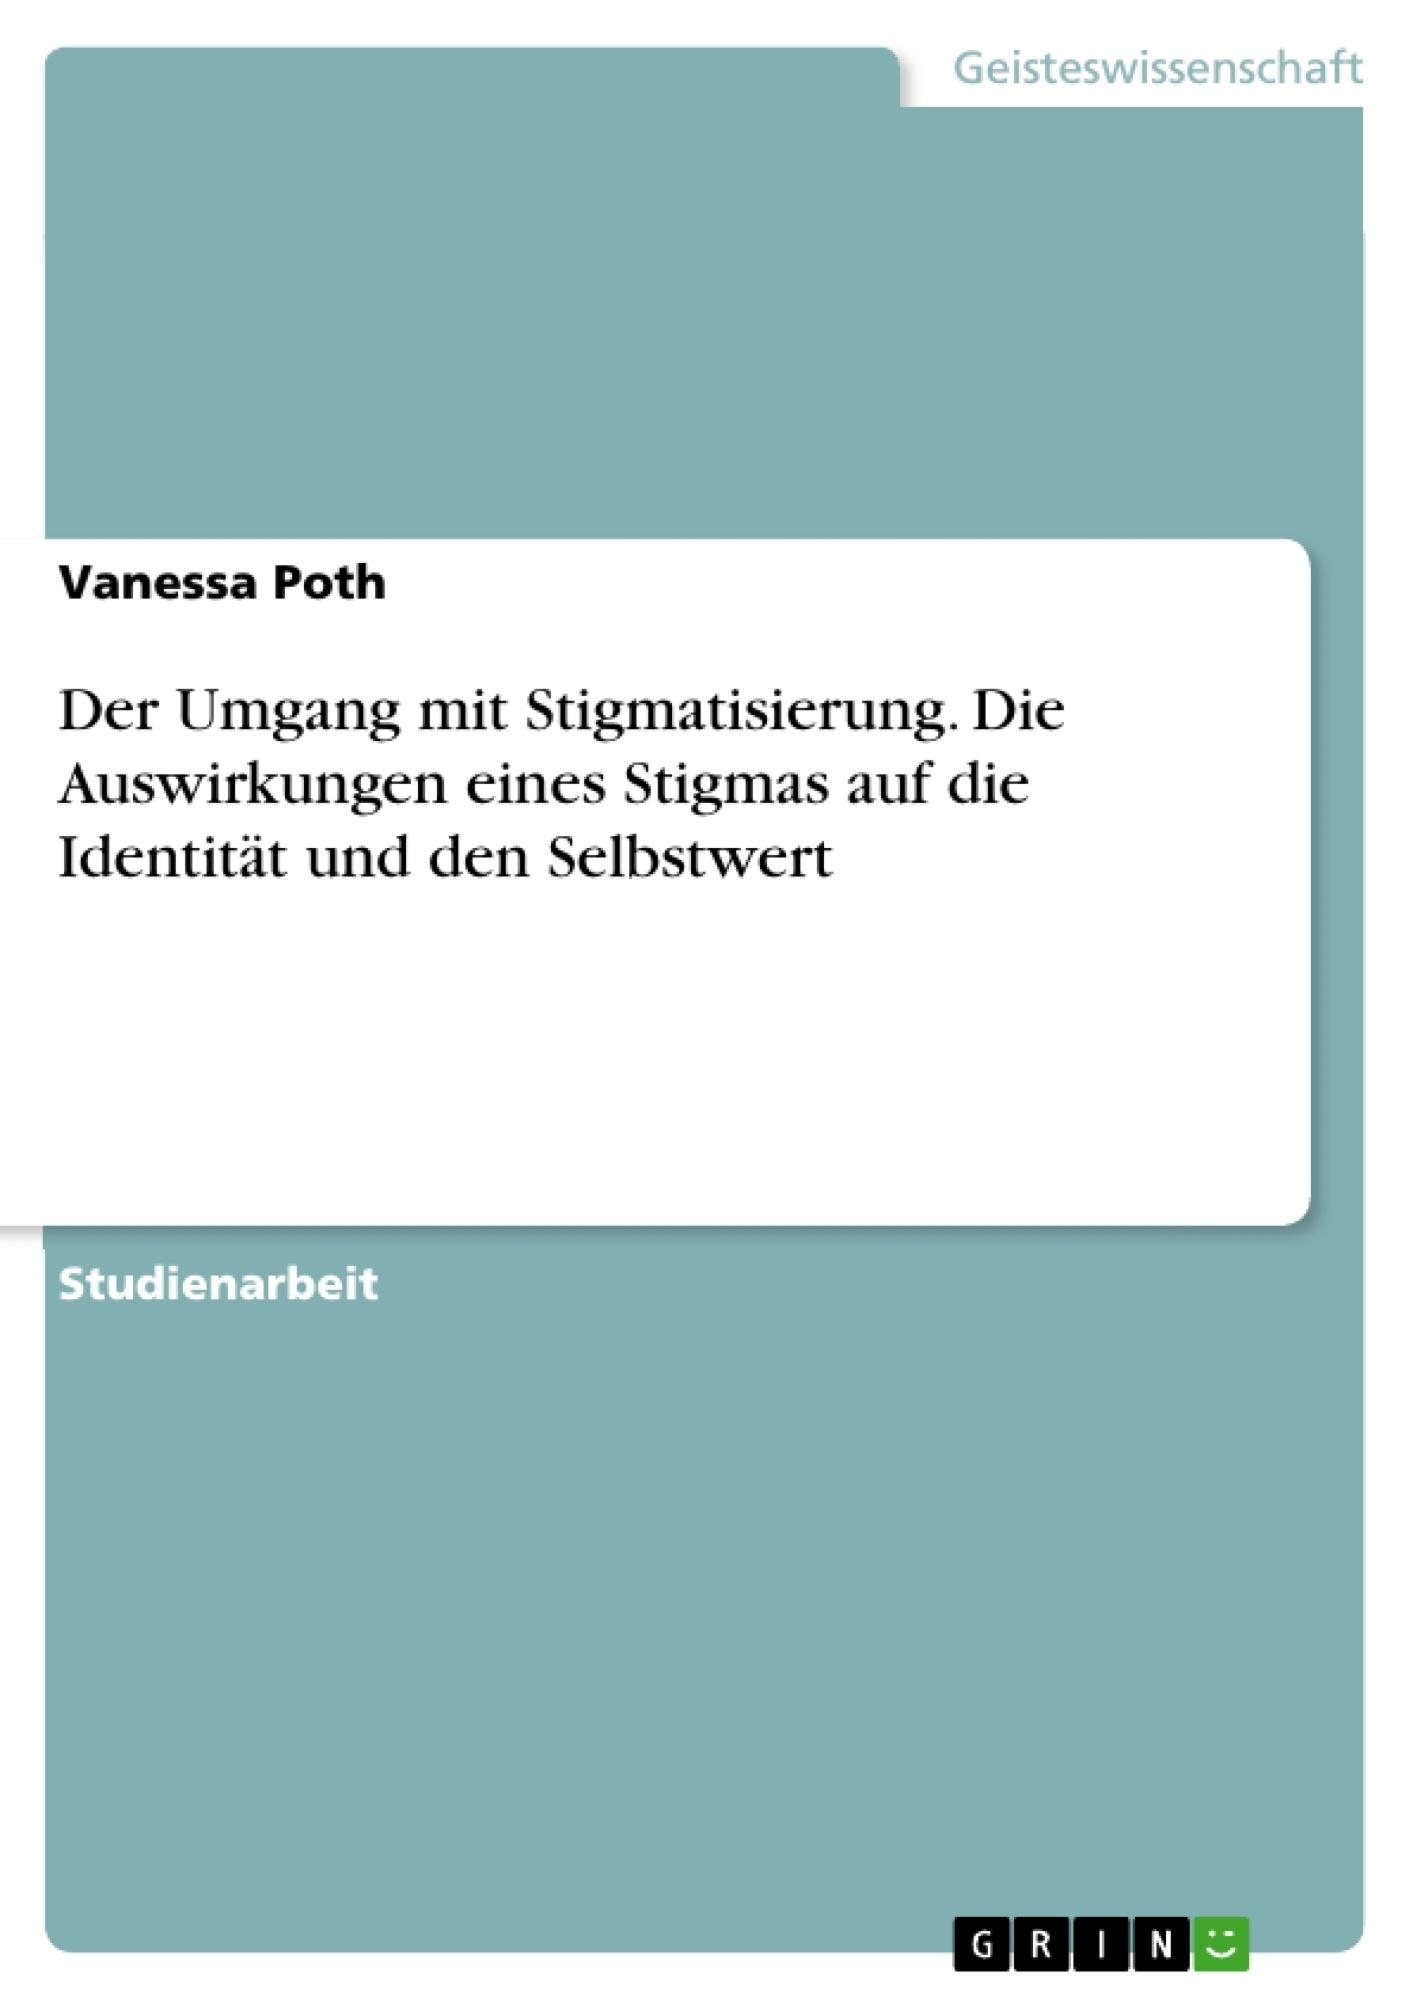 Titel: Der Umgang mit Stigmatisierung. Die Auswirkungen eines Stigmas auf die Identität und den Selbstwert